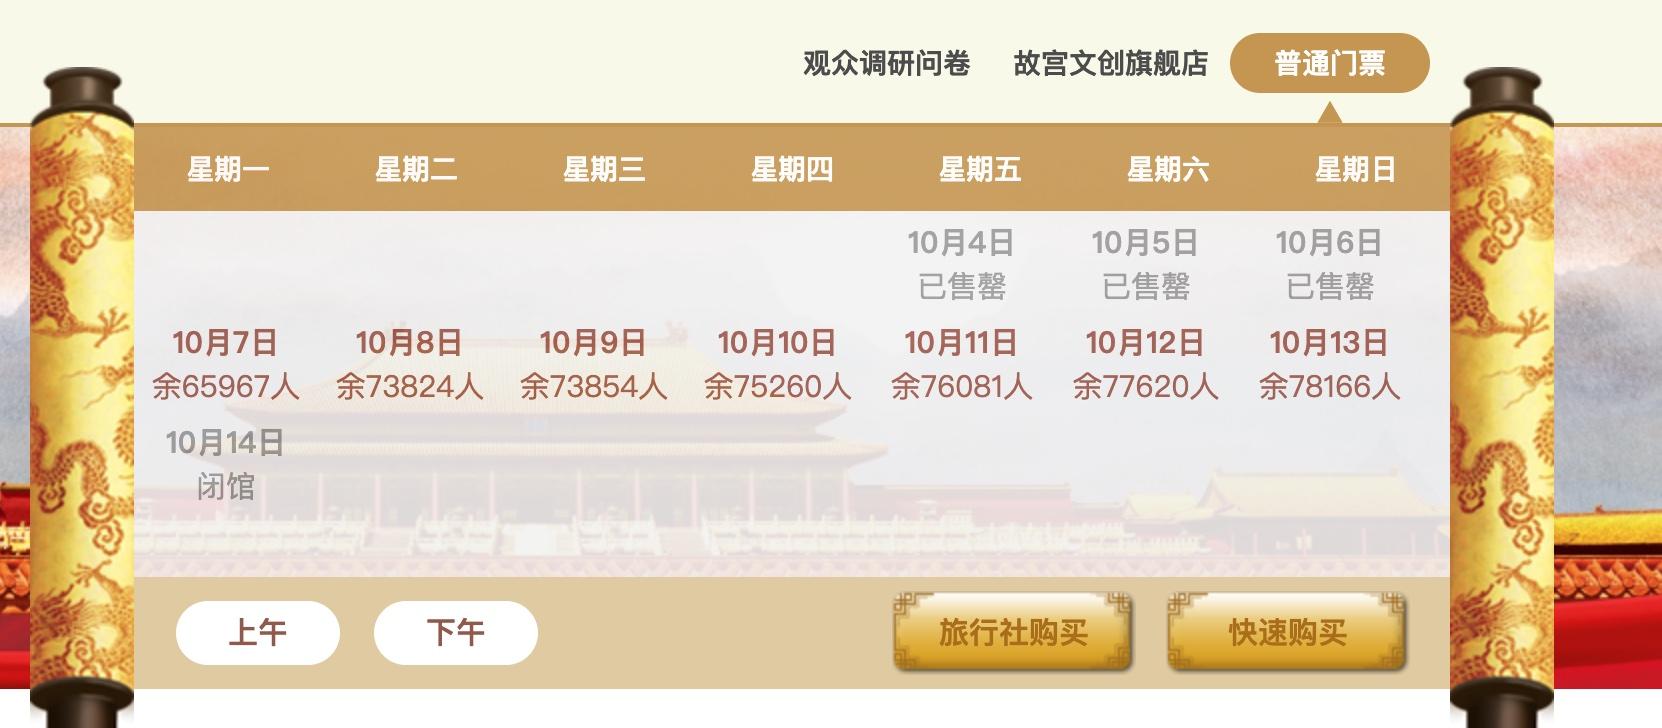 舒友阁养阴宝 国庆前四天国内5.42亿人次出游,多景区门票提前售罄